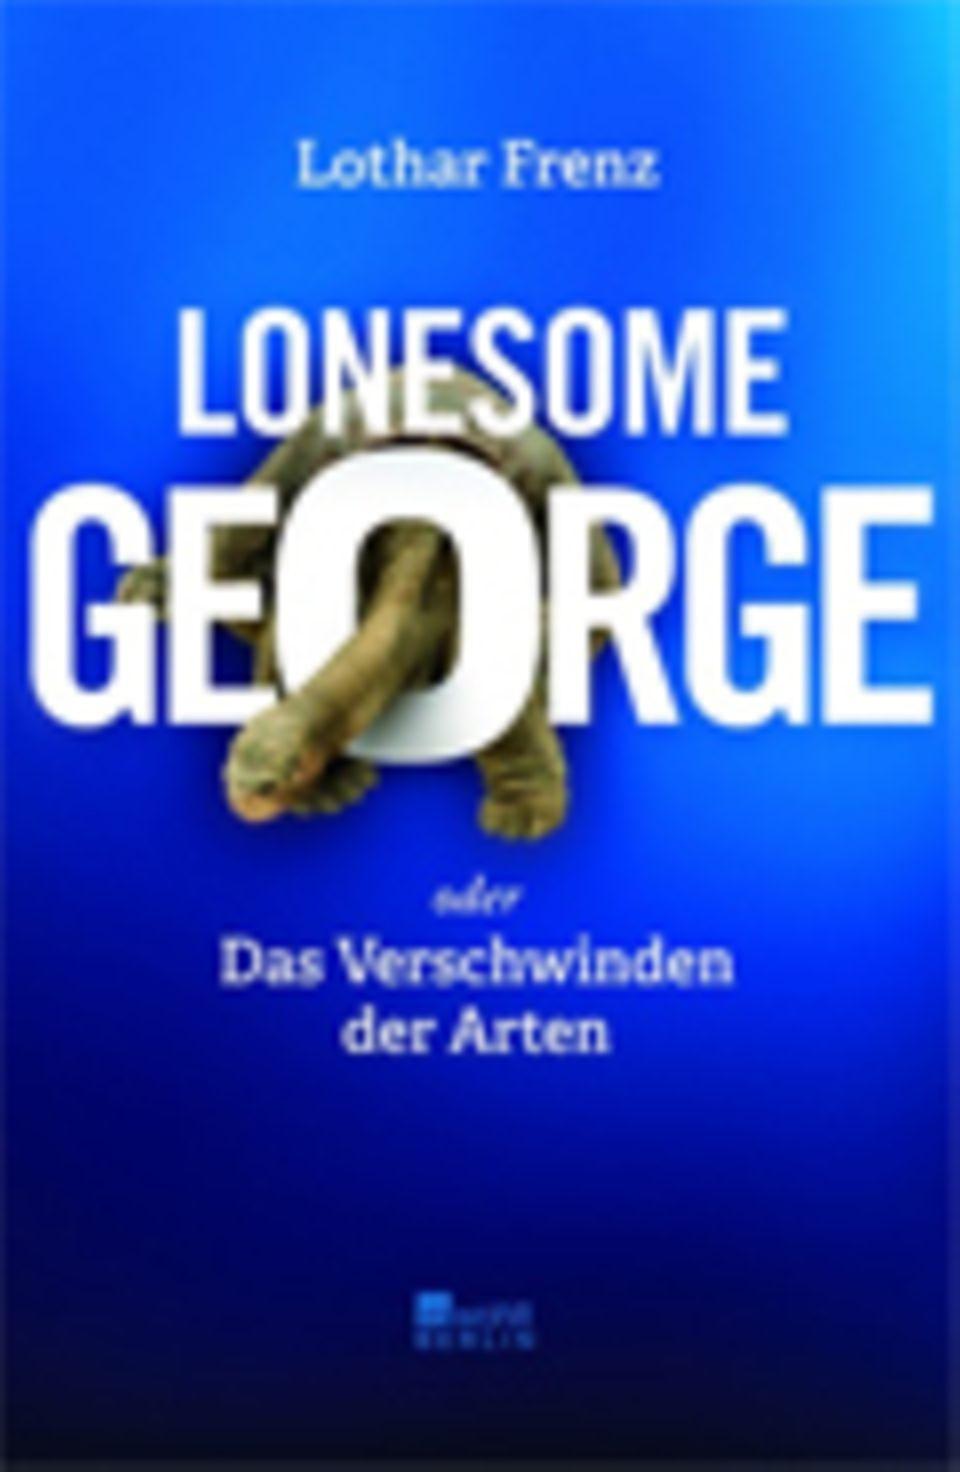 Biodiversität: Lothar Frenz Lonesome George Gebunden, 352 Seiten Rowohlt Verlag Berlin 19,95 Euro